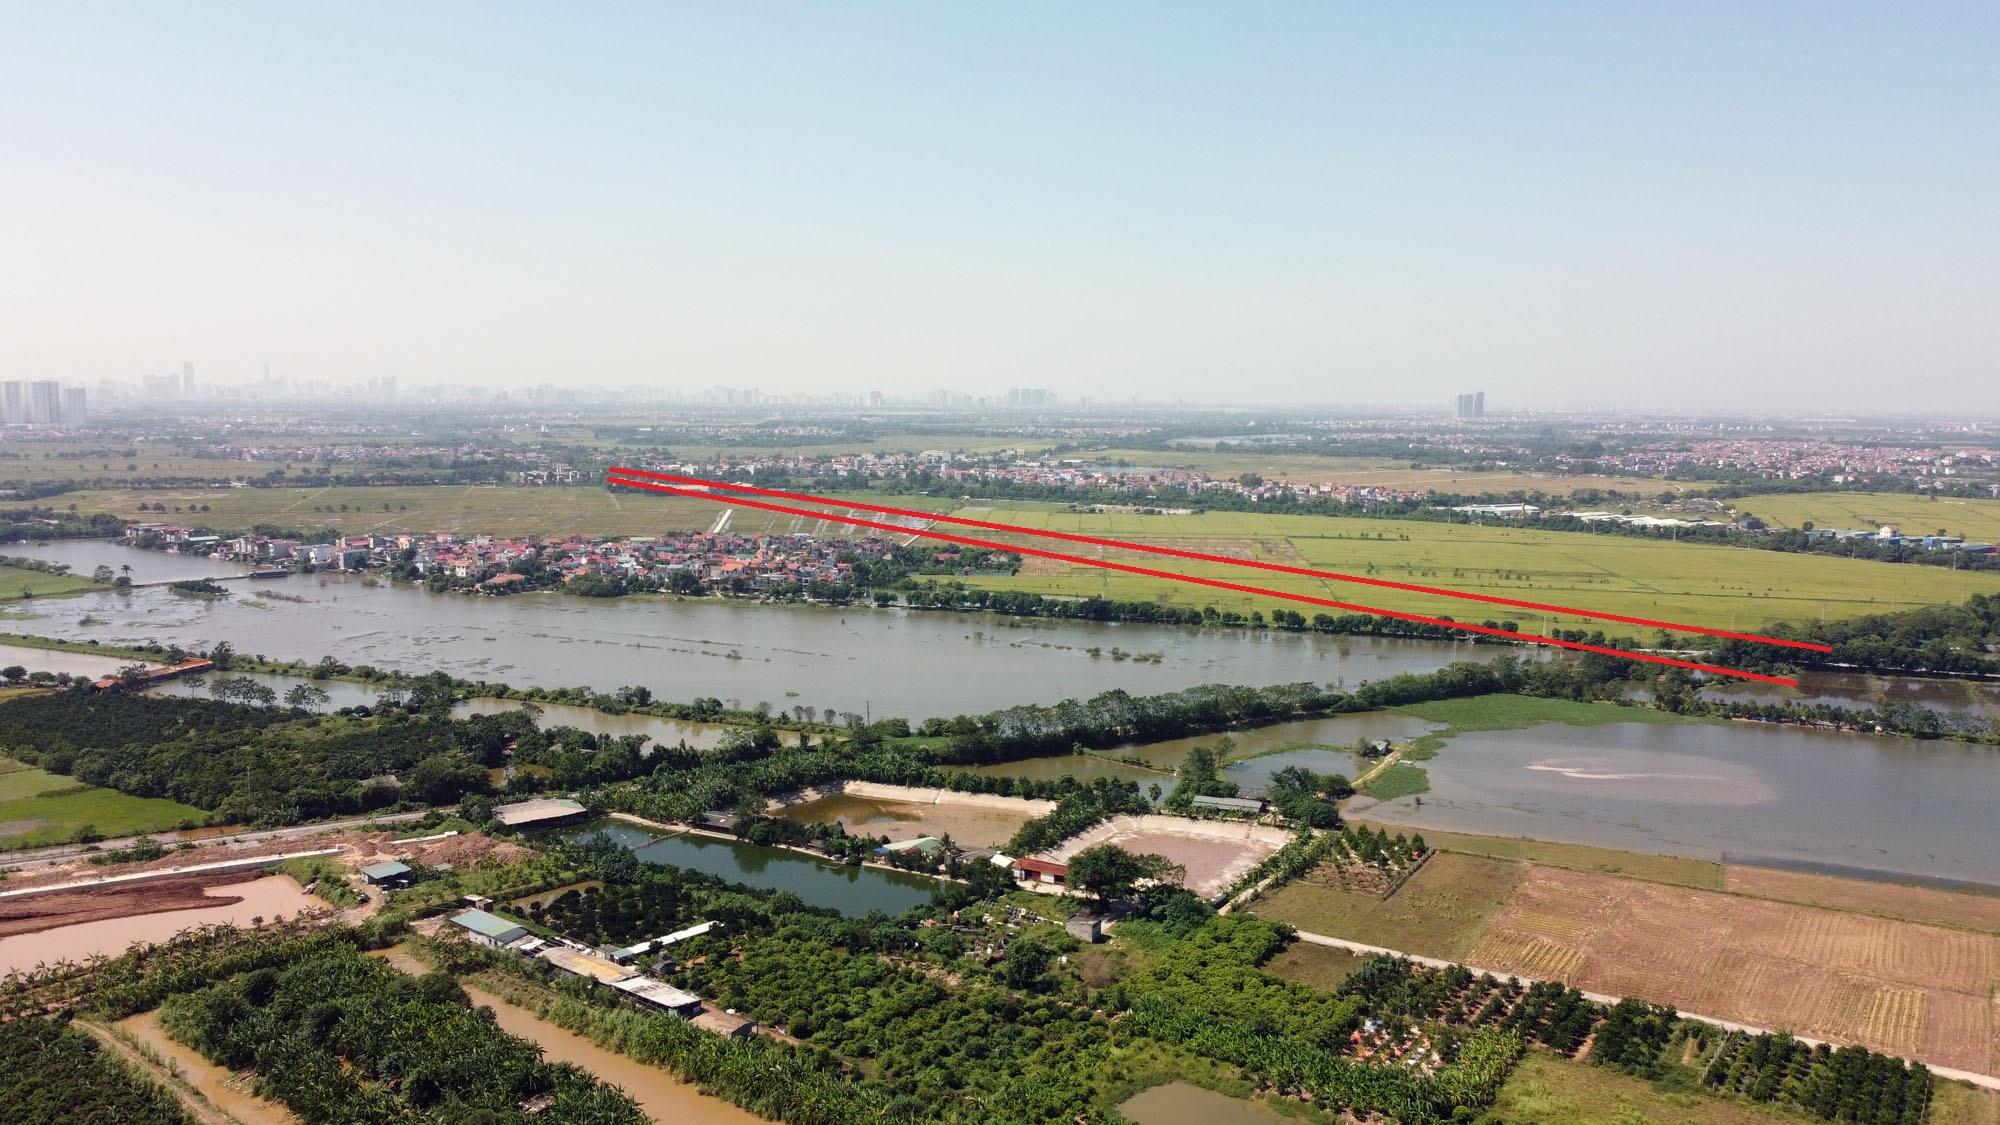 đường sẽ mở theo qui hoạch ở xã Dục Tú, Đông Anh, Hà Nội - Ảnh 5.